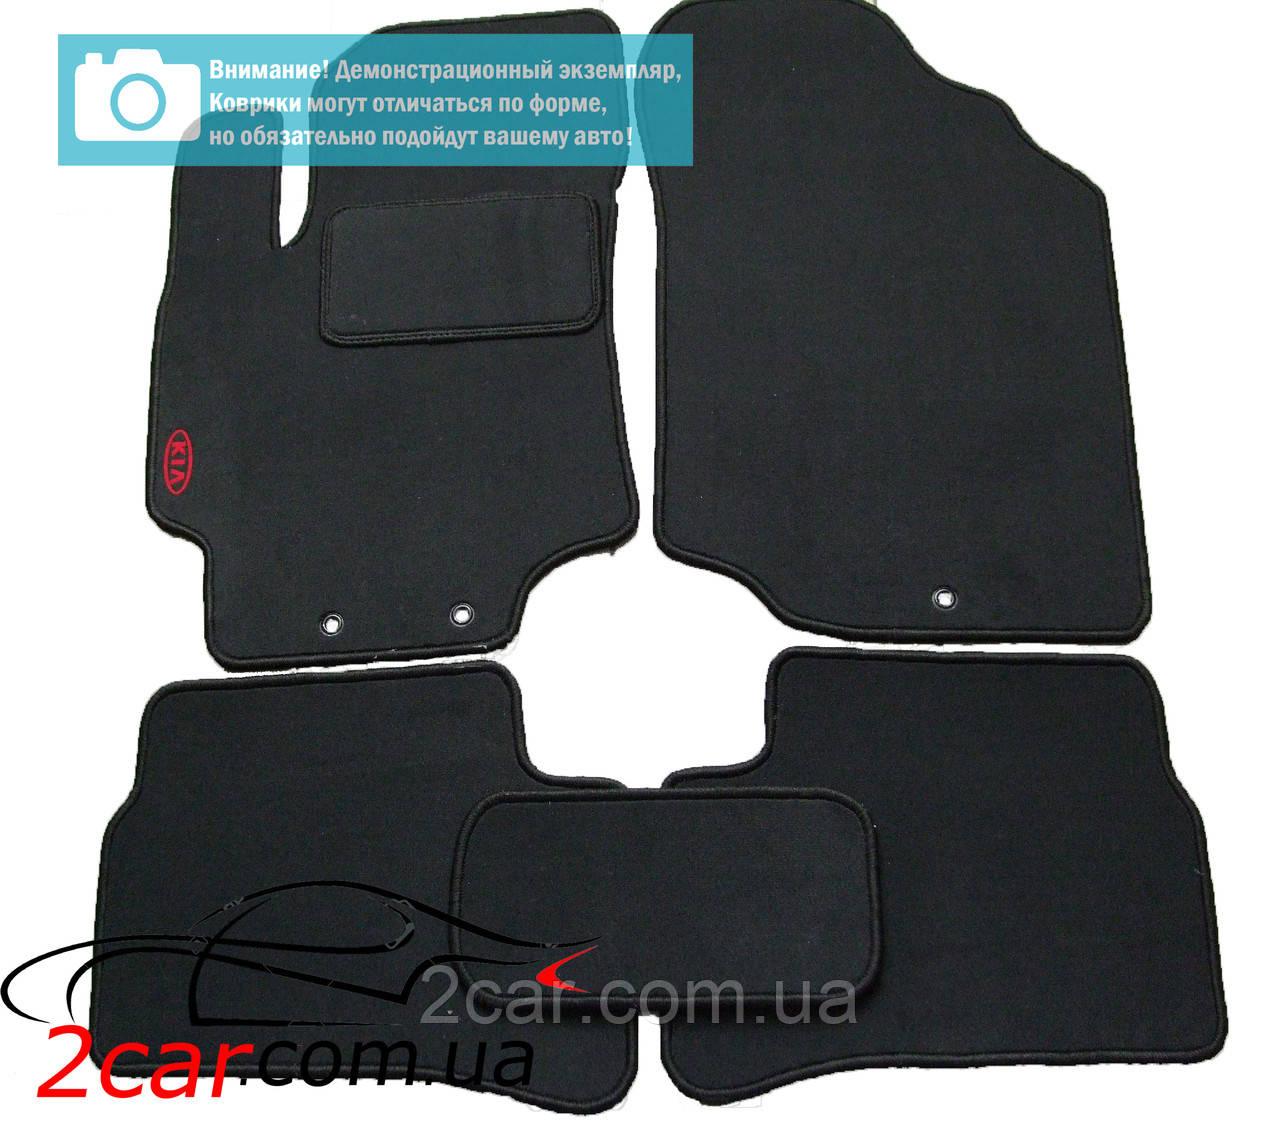 Текстильные коврики в салон для Ford Scorpio II (1994-1998) (чёрный) (